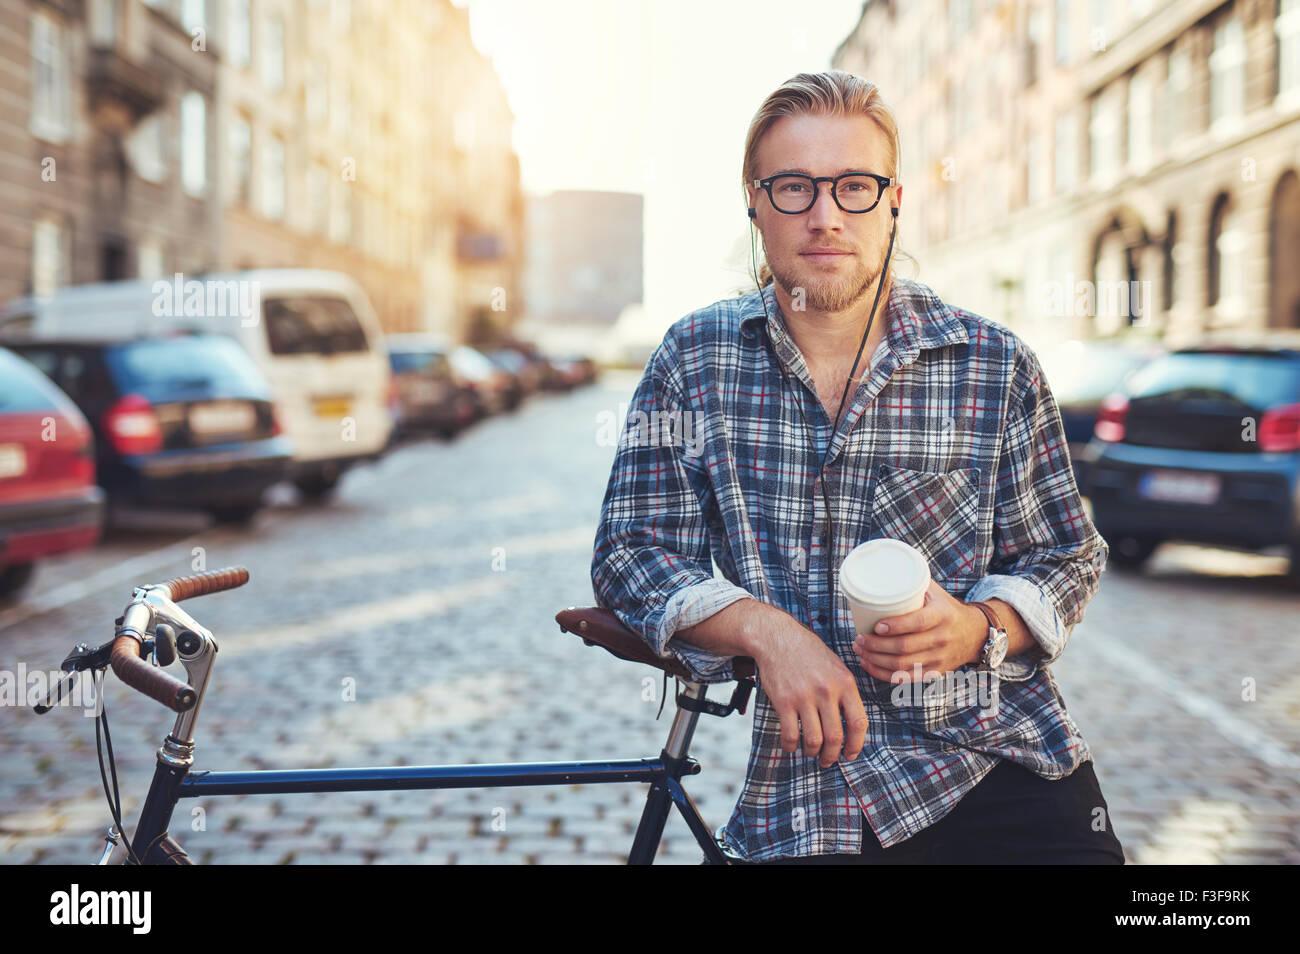 Cool Mann an der Kamera schaut. Stadt Lebensstil, genießen das Leben in der Stadt Stockbild